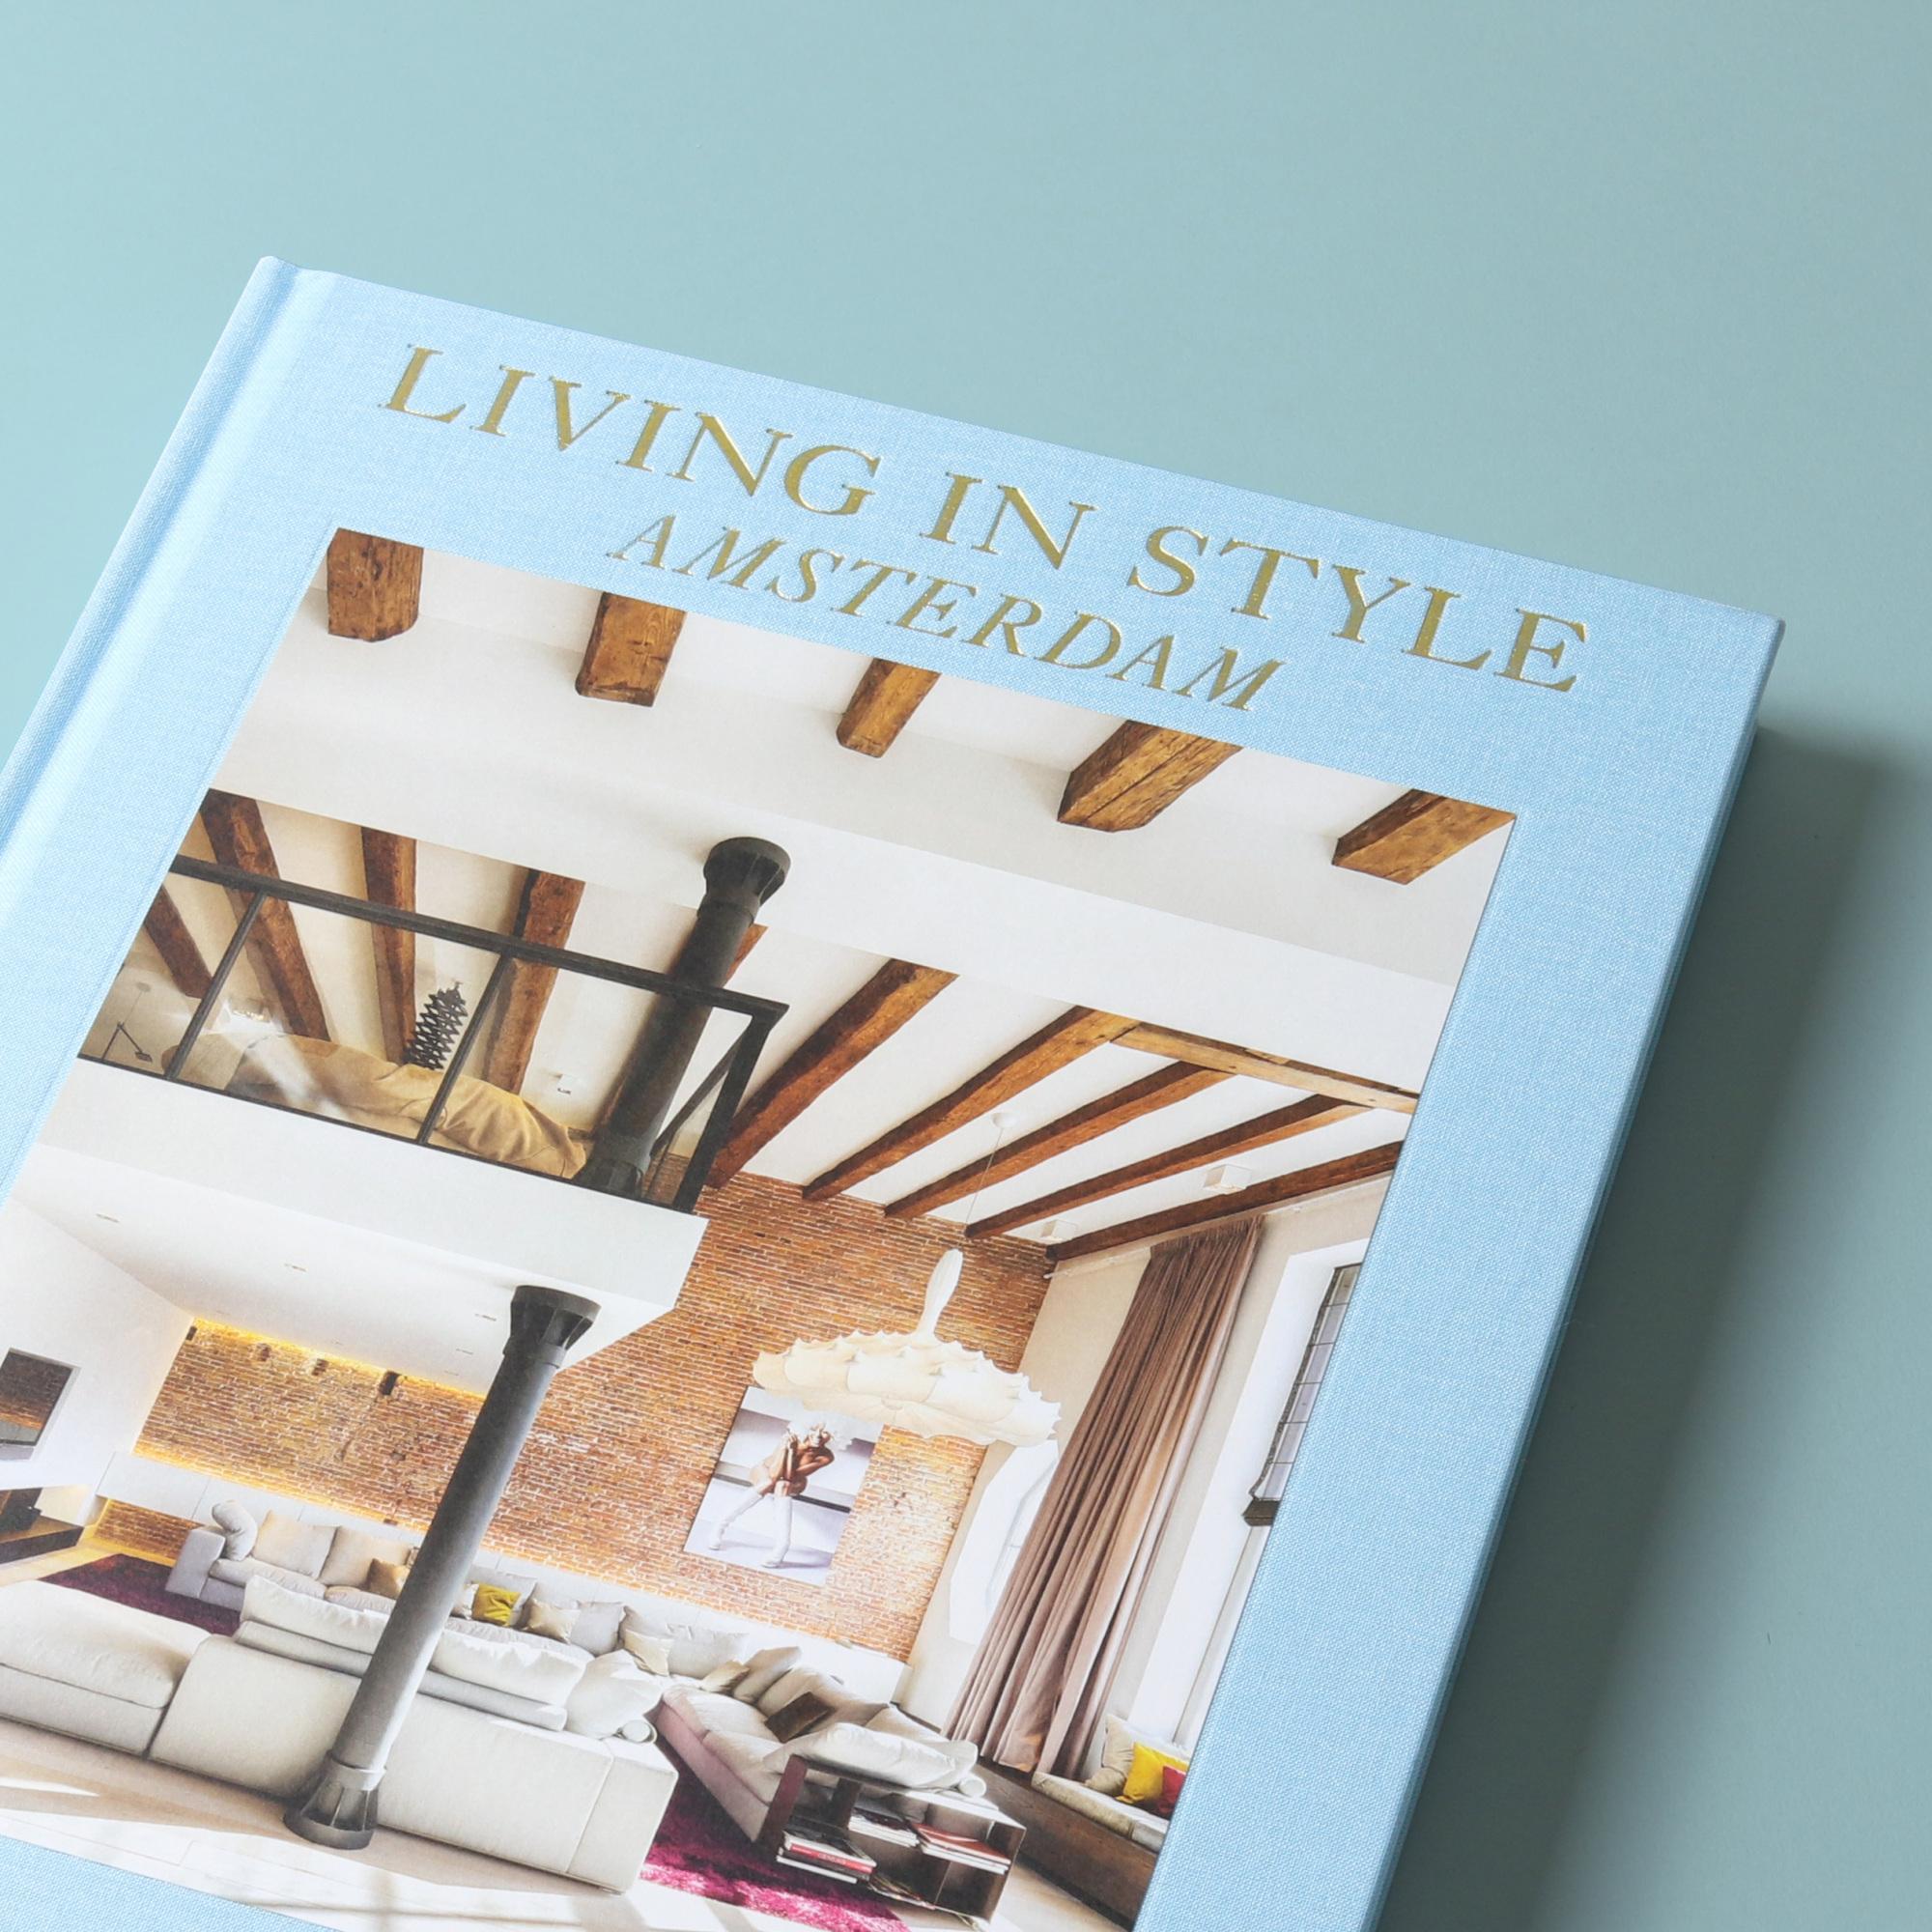 mendo-book-living-in-style-adam-03-2000x2000-c-default.jpg